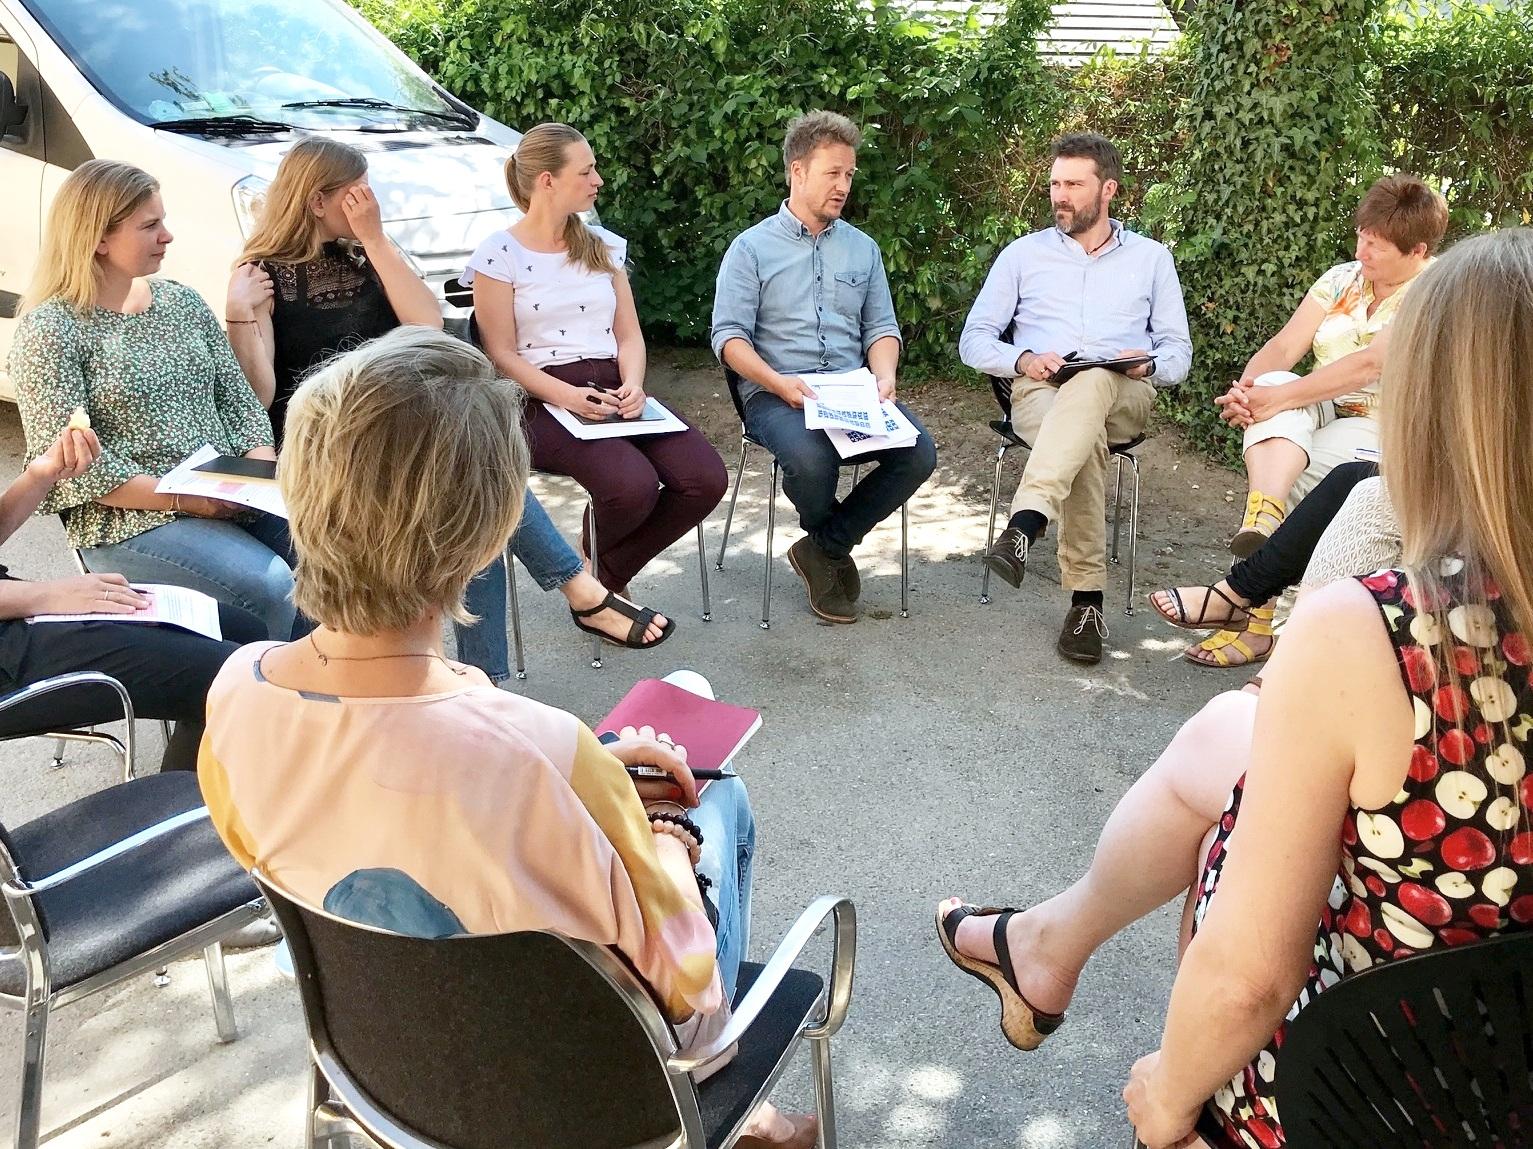 For ledergruppen - Skab resultater og sammenhængskraft gennem en bevidst, formålsdrevet ledelseskultur.